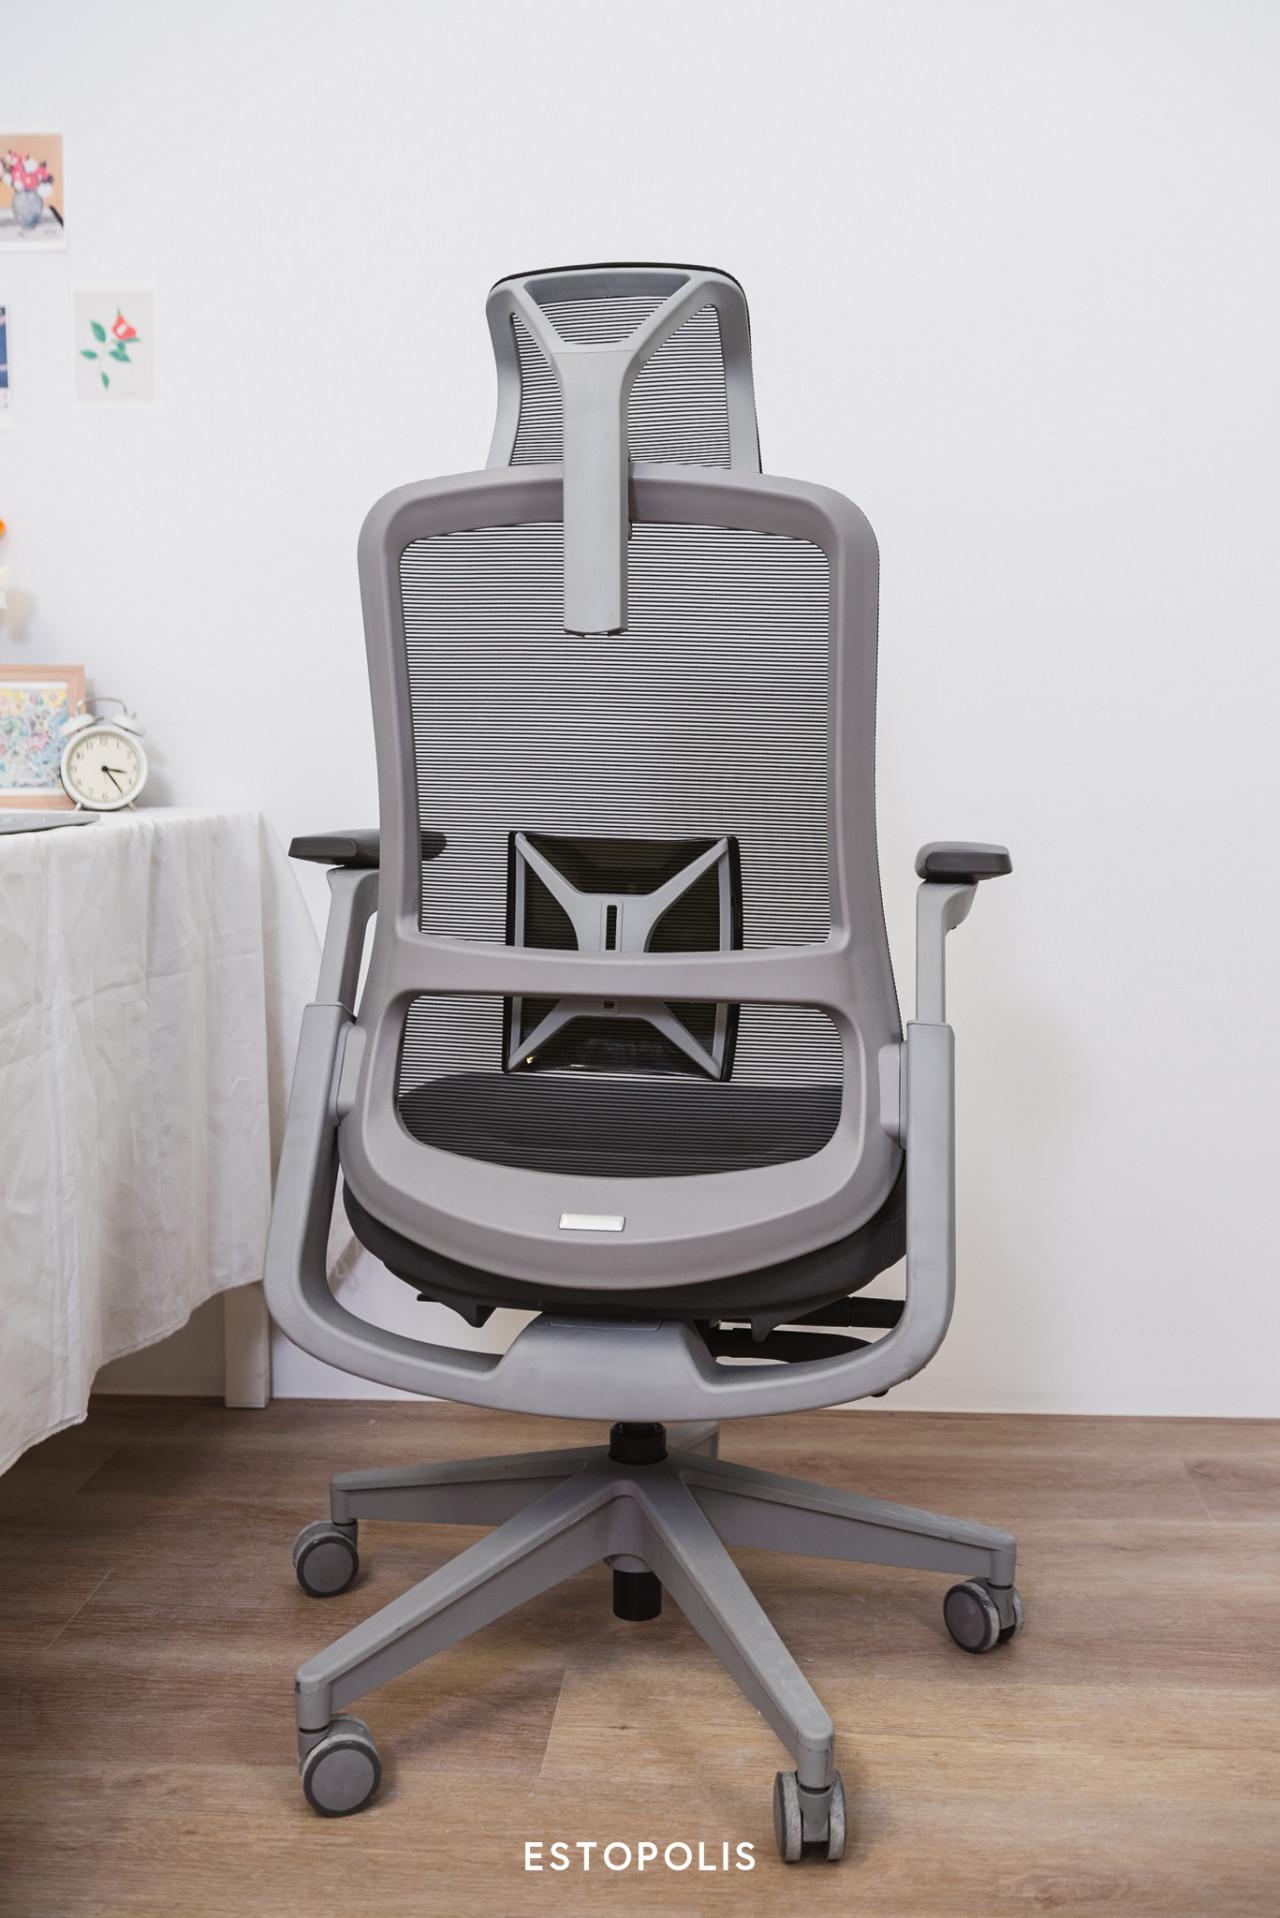 รีวิวเก้าอี้สุขภาพ Workscape ดีไหม